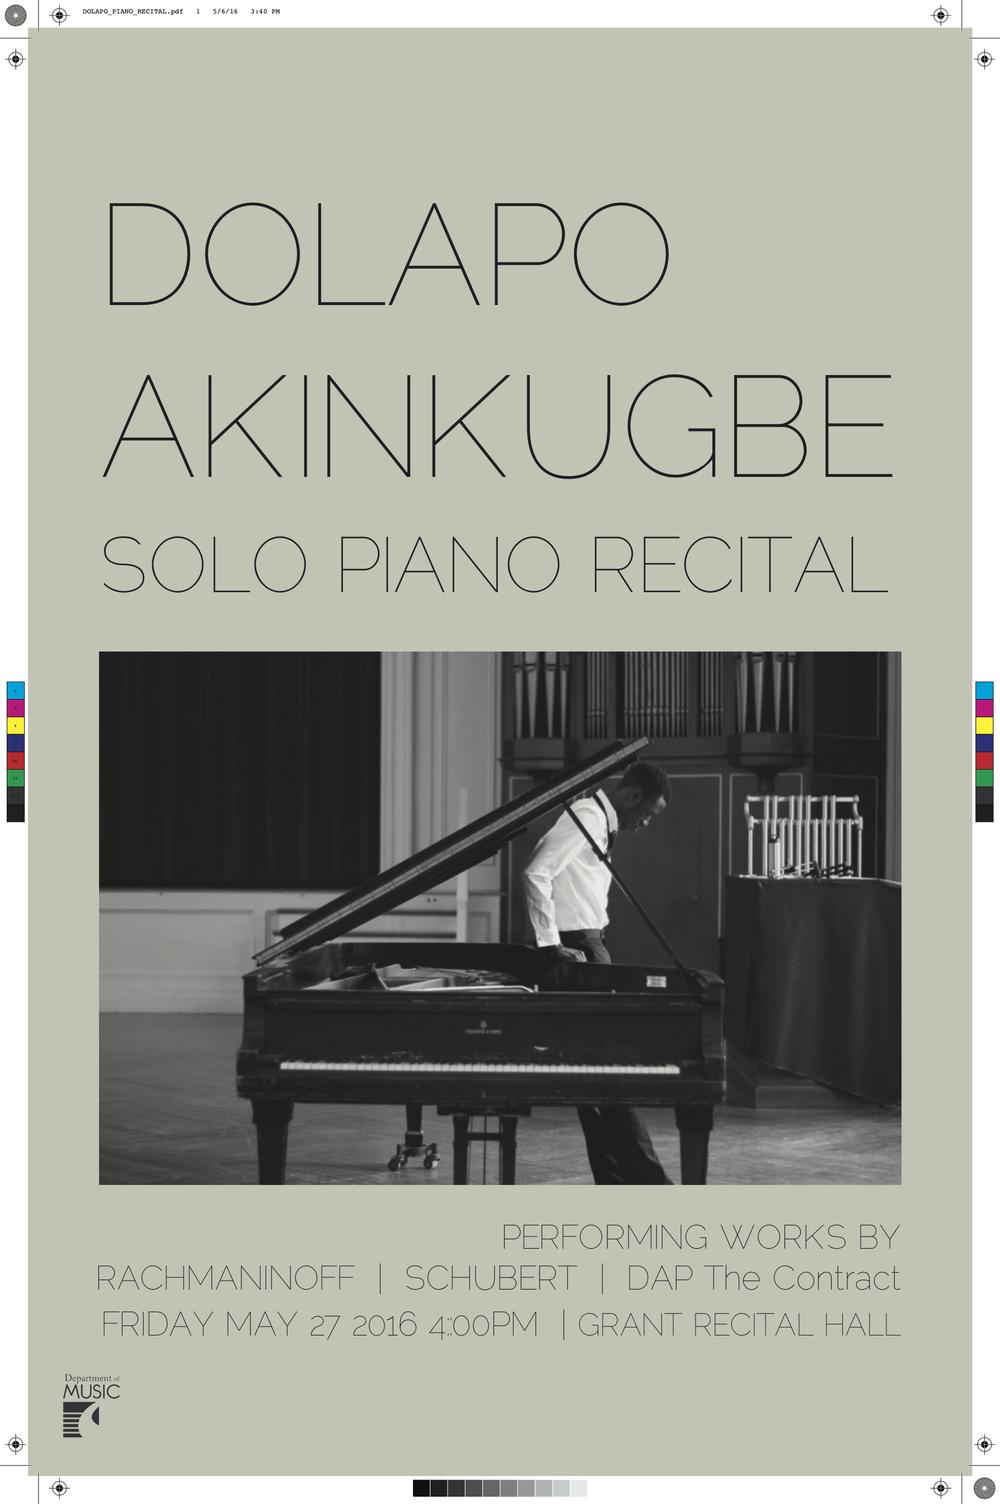 solo piano recital